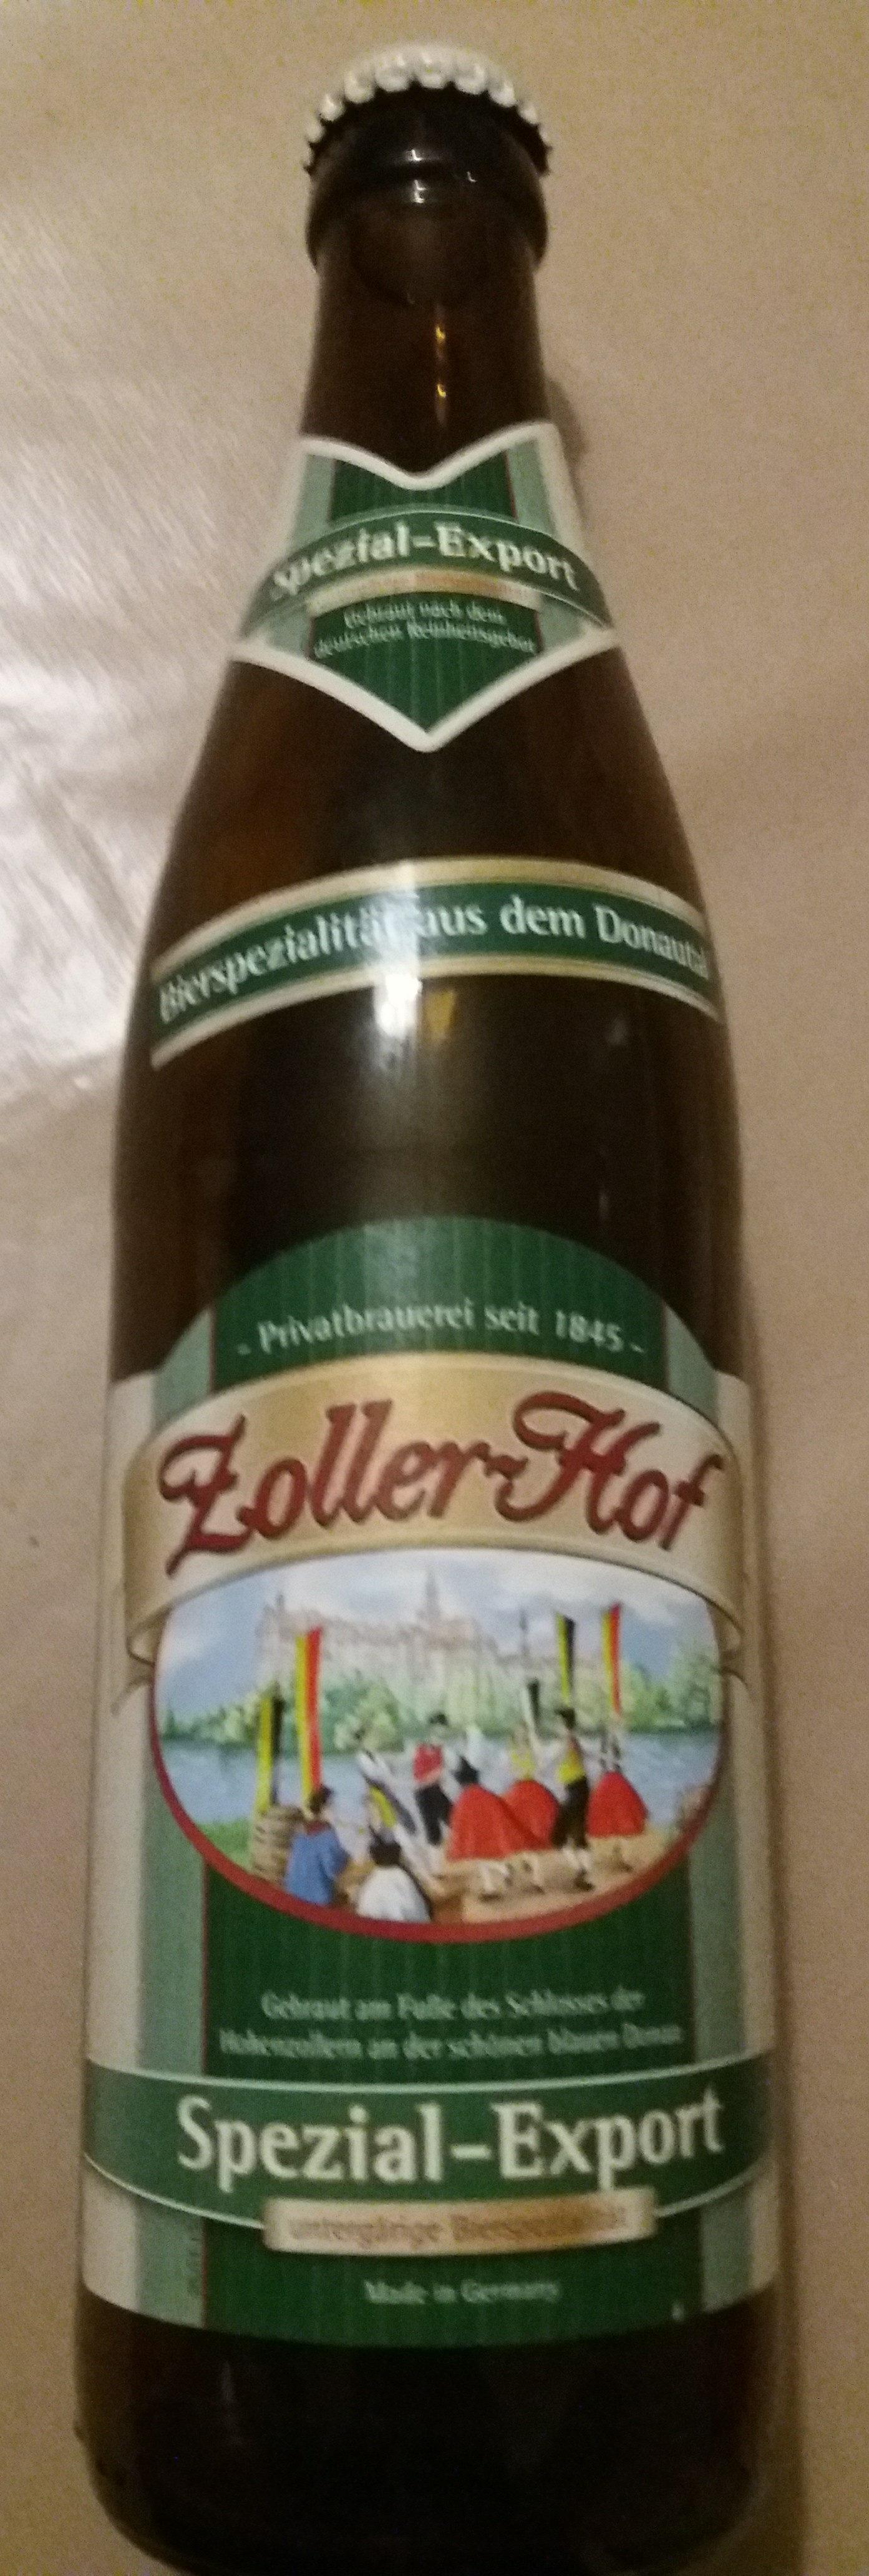 Zoller-Hof - Product - de